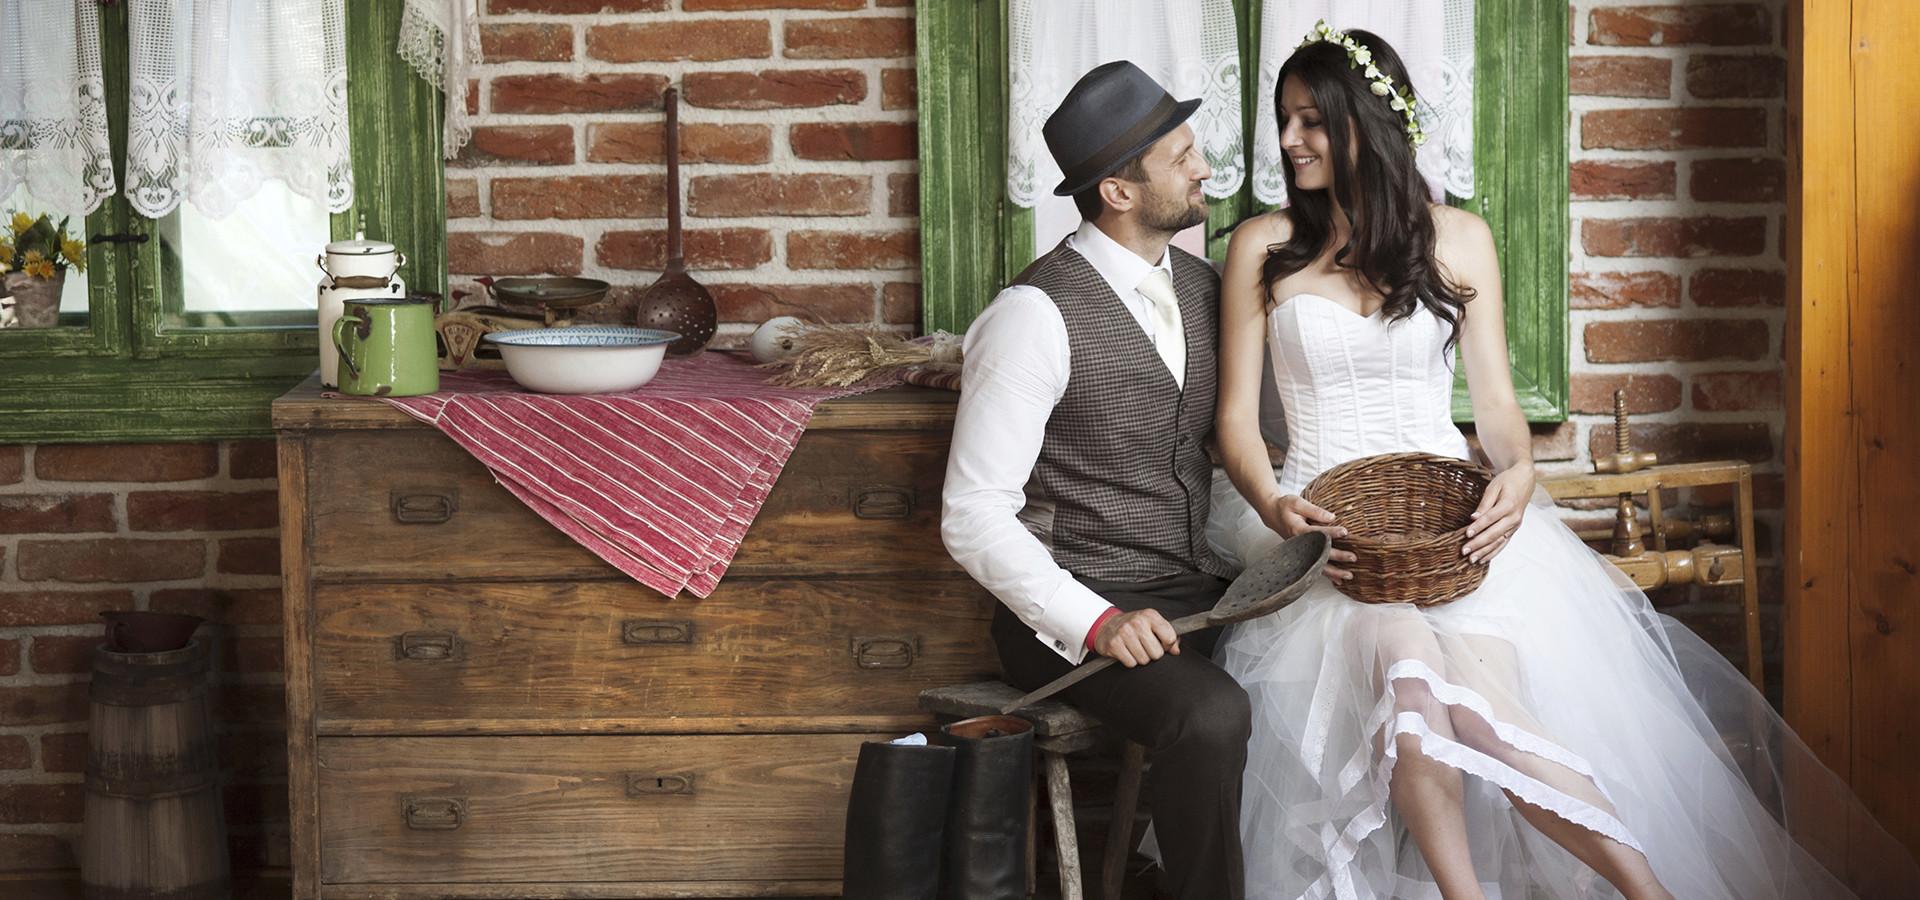 Как правильно организовать свадьбу в стиле кантри?